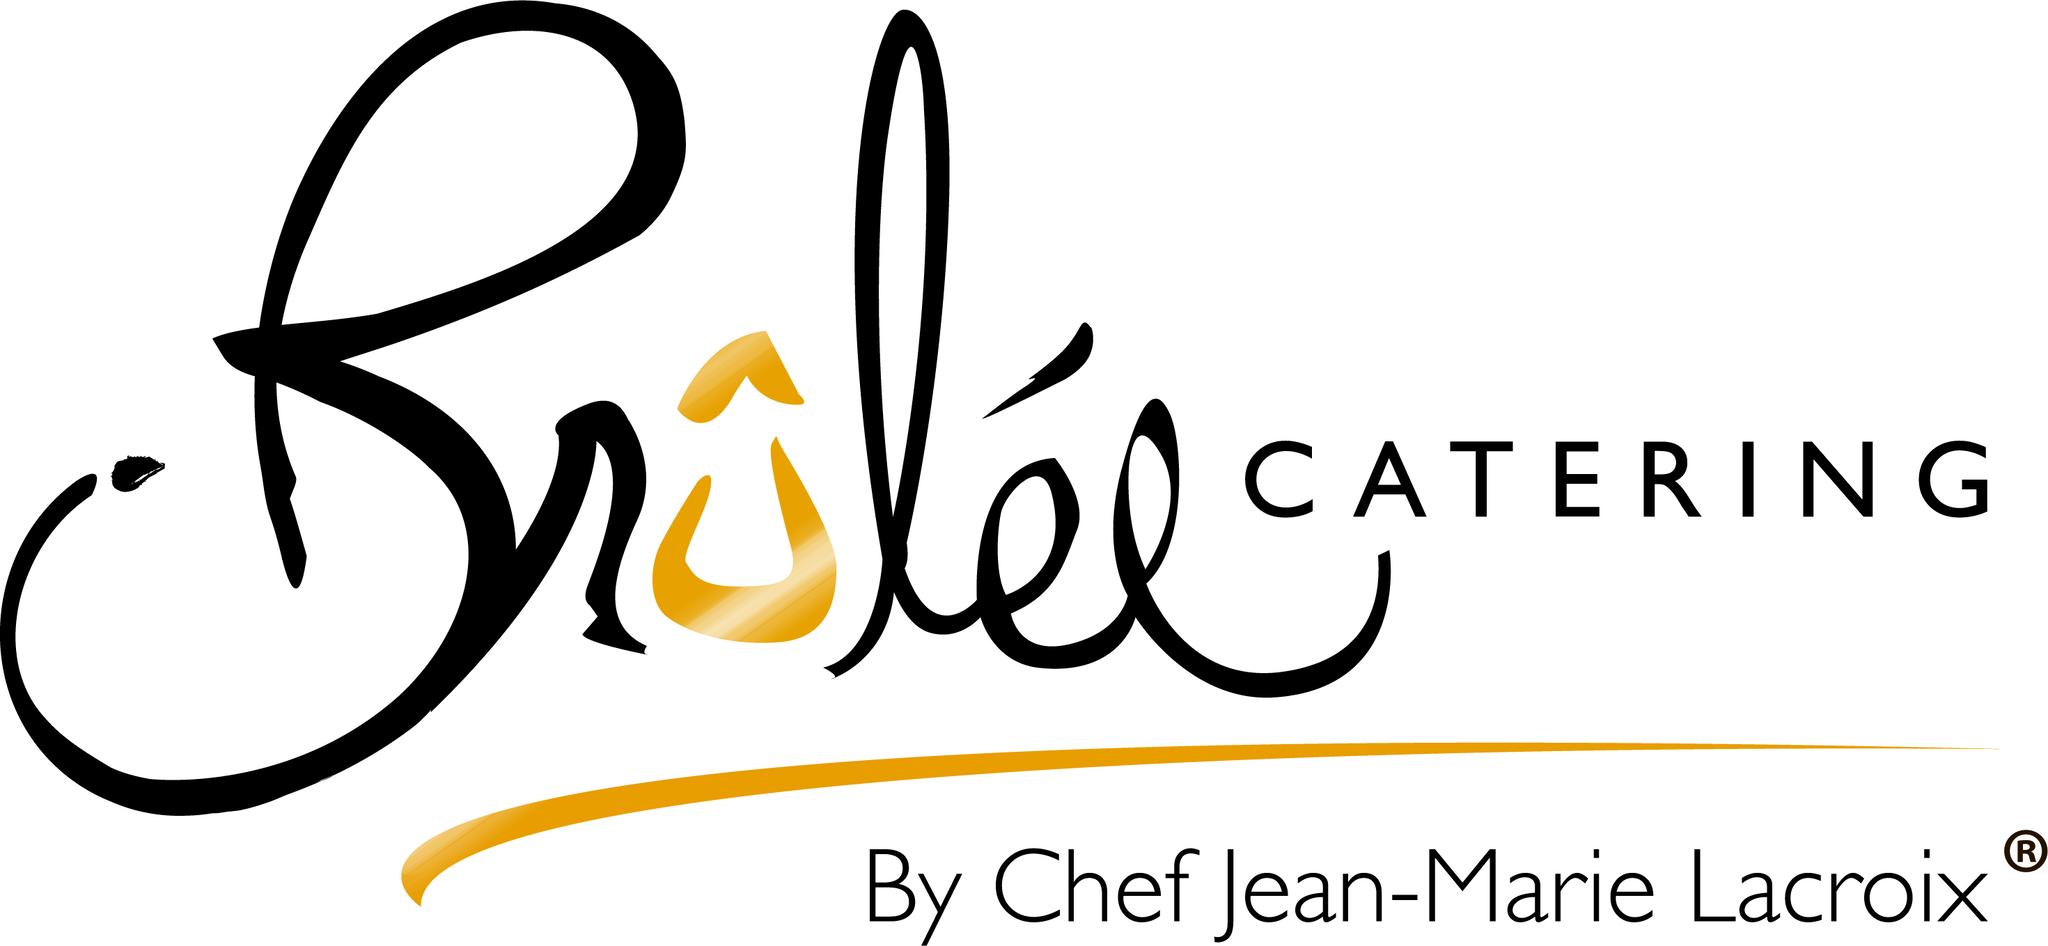 Brulee Logo.jpg